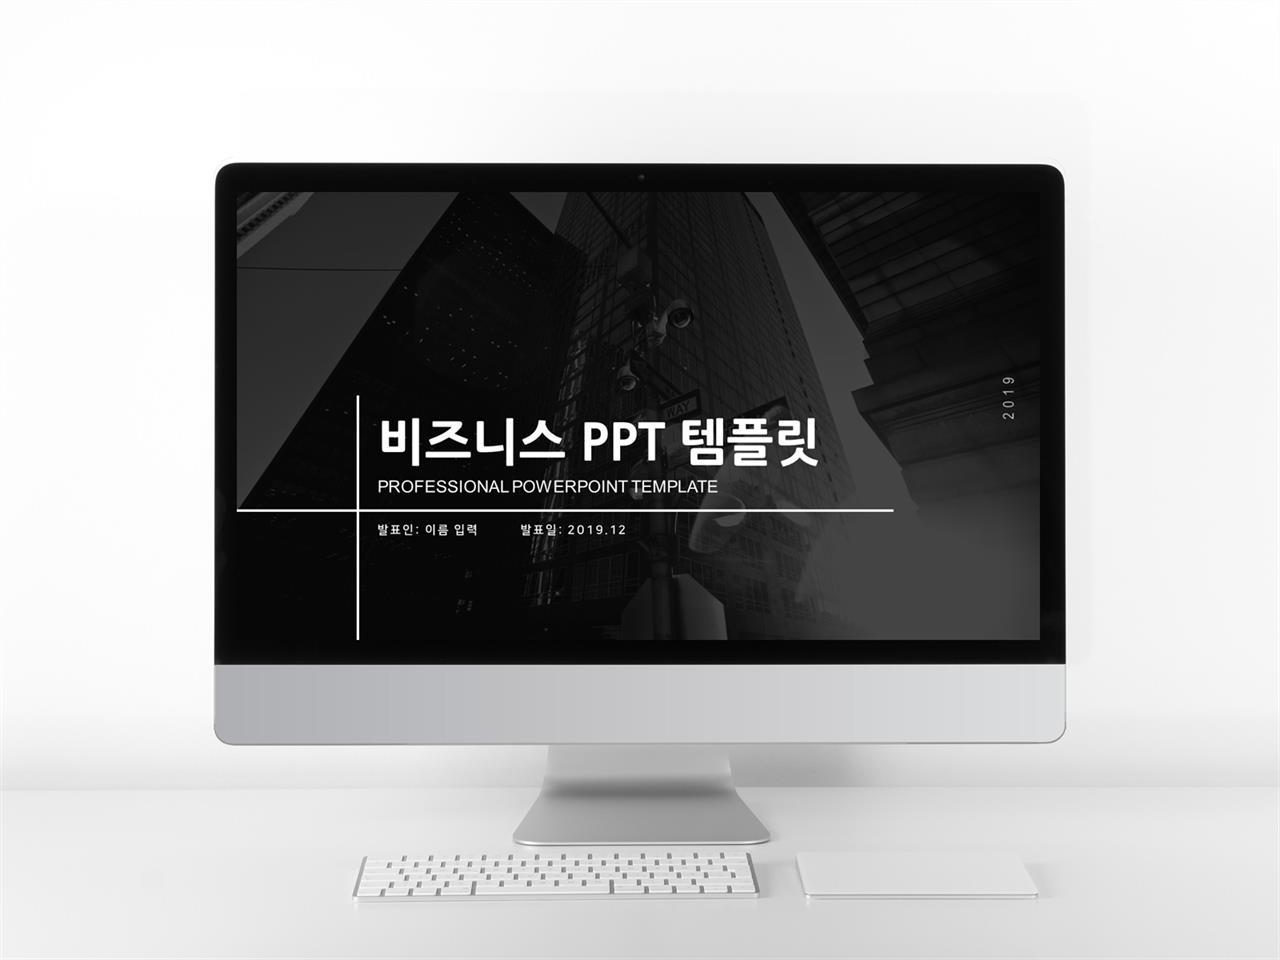 금융투자 검정색 세련된 프레젠테이션 피피티템플릿 만들기 미리보기